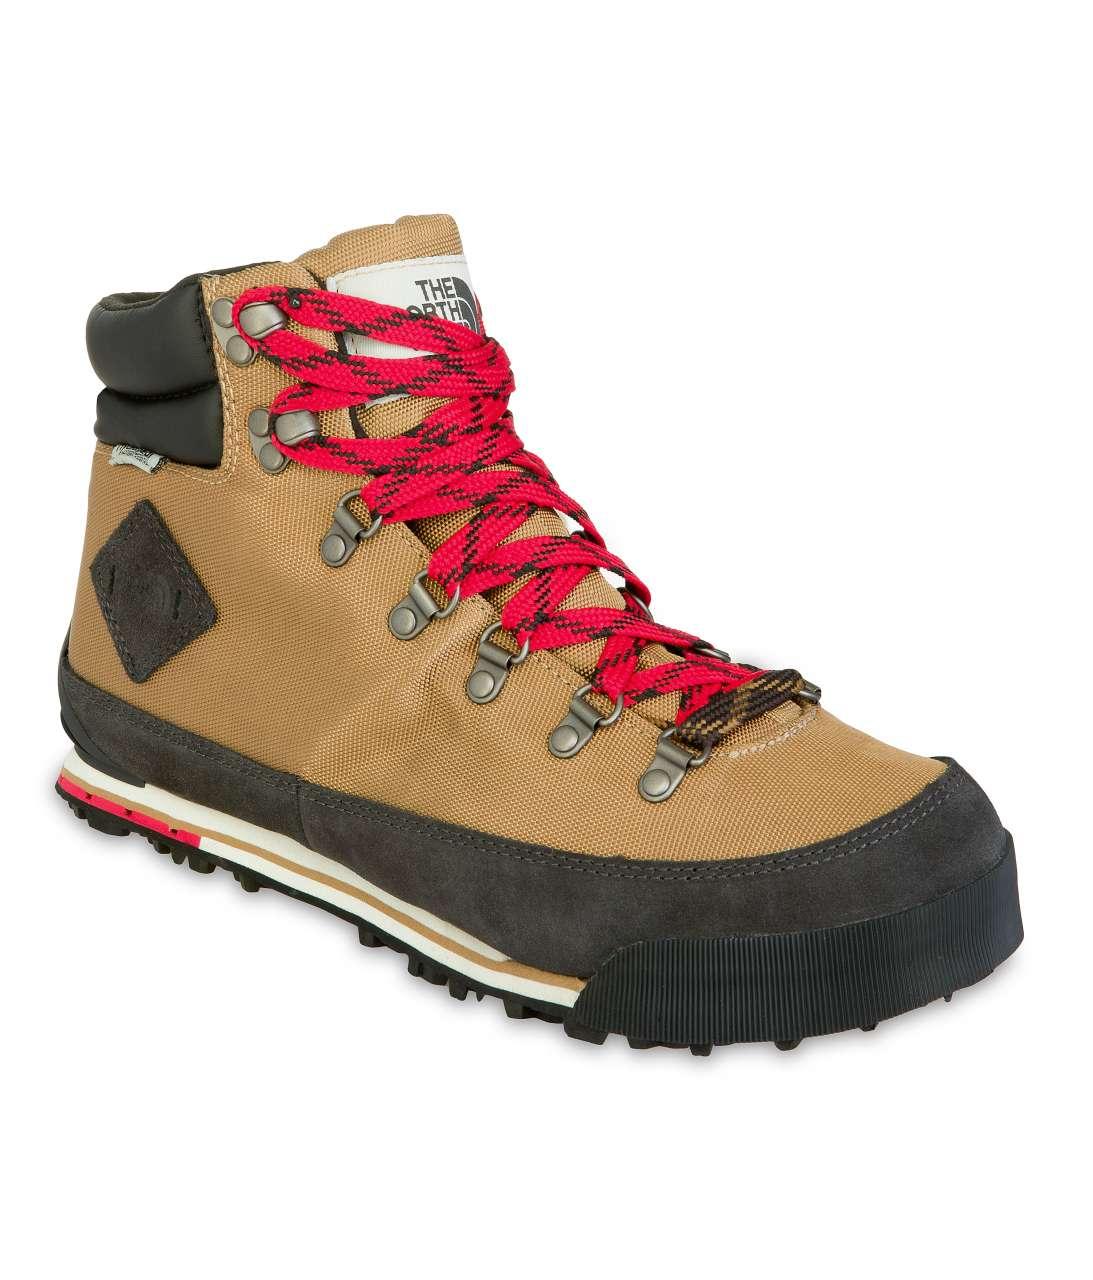 Les Chaussures Brun Face Nord Berkeley Pour L'hiver En Taille 46 Hommes 1rIVSBg